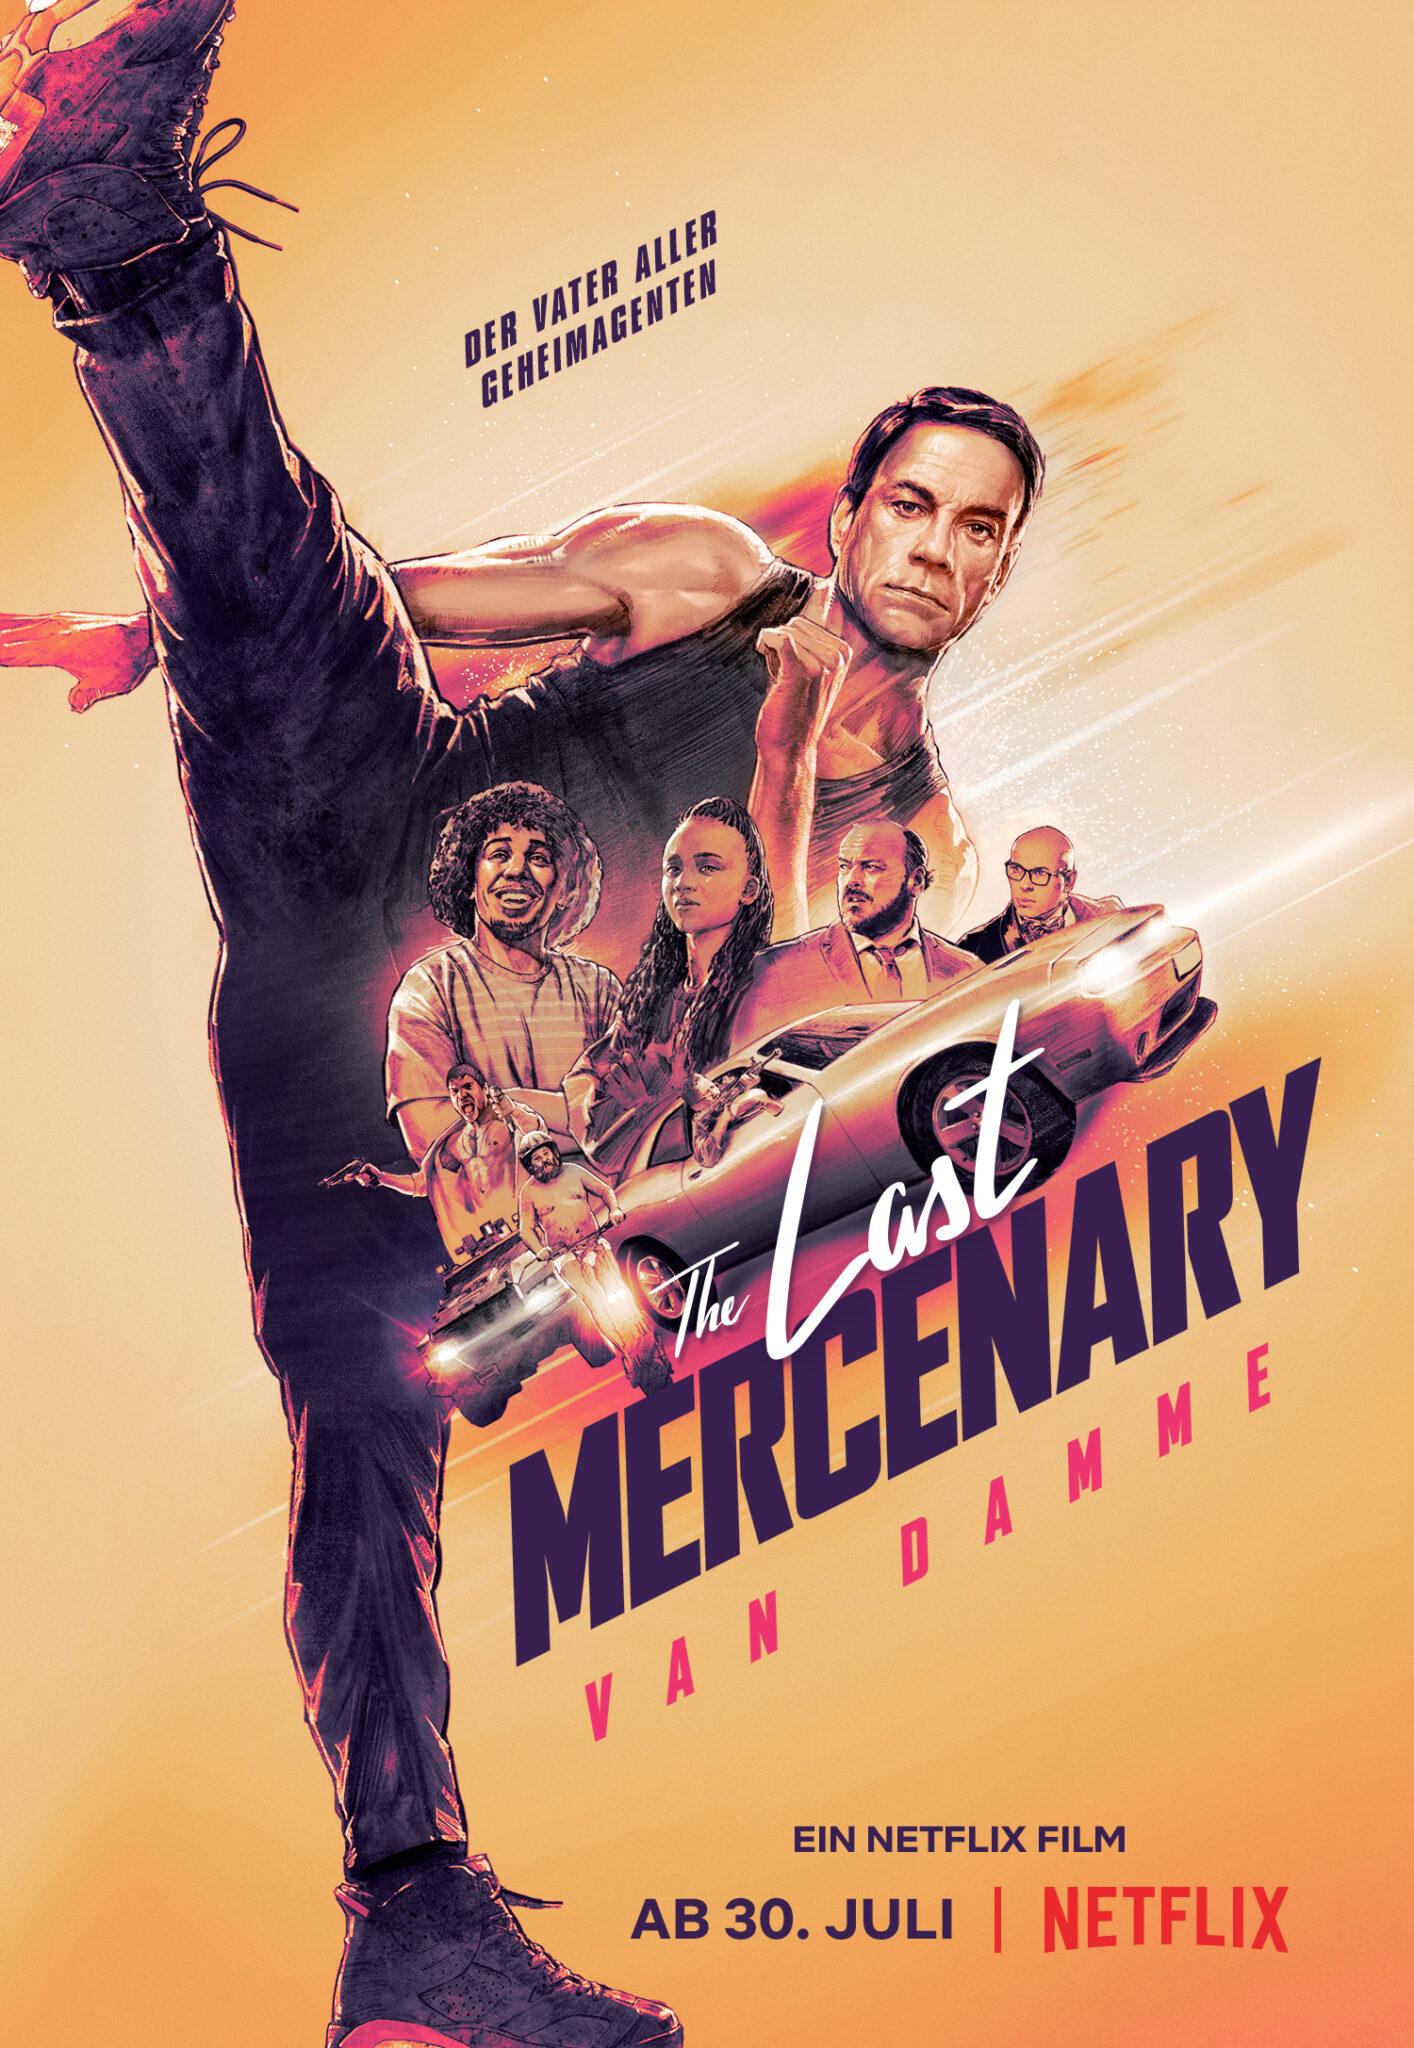 """Das deutsche Poster zu """"The Last Mercenary"""" zeigt den Protagonisten in ikonischer Kick-Pose vor orangem Hintergrund, sowie den Titel des Films und einige Nebenfiguren im Zentrum"""